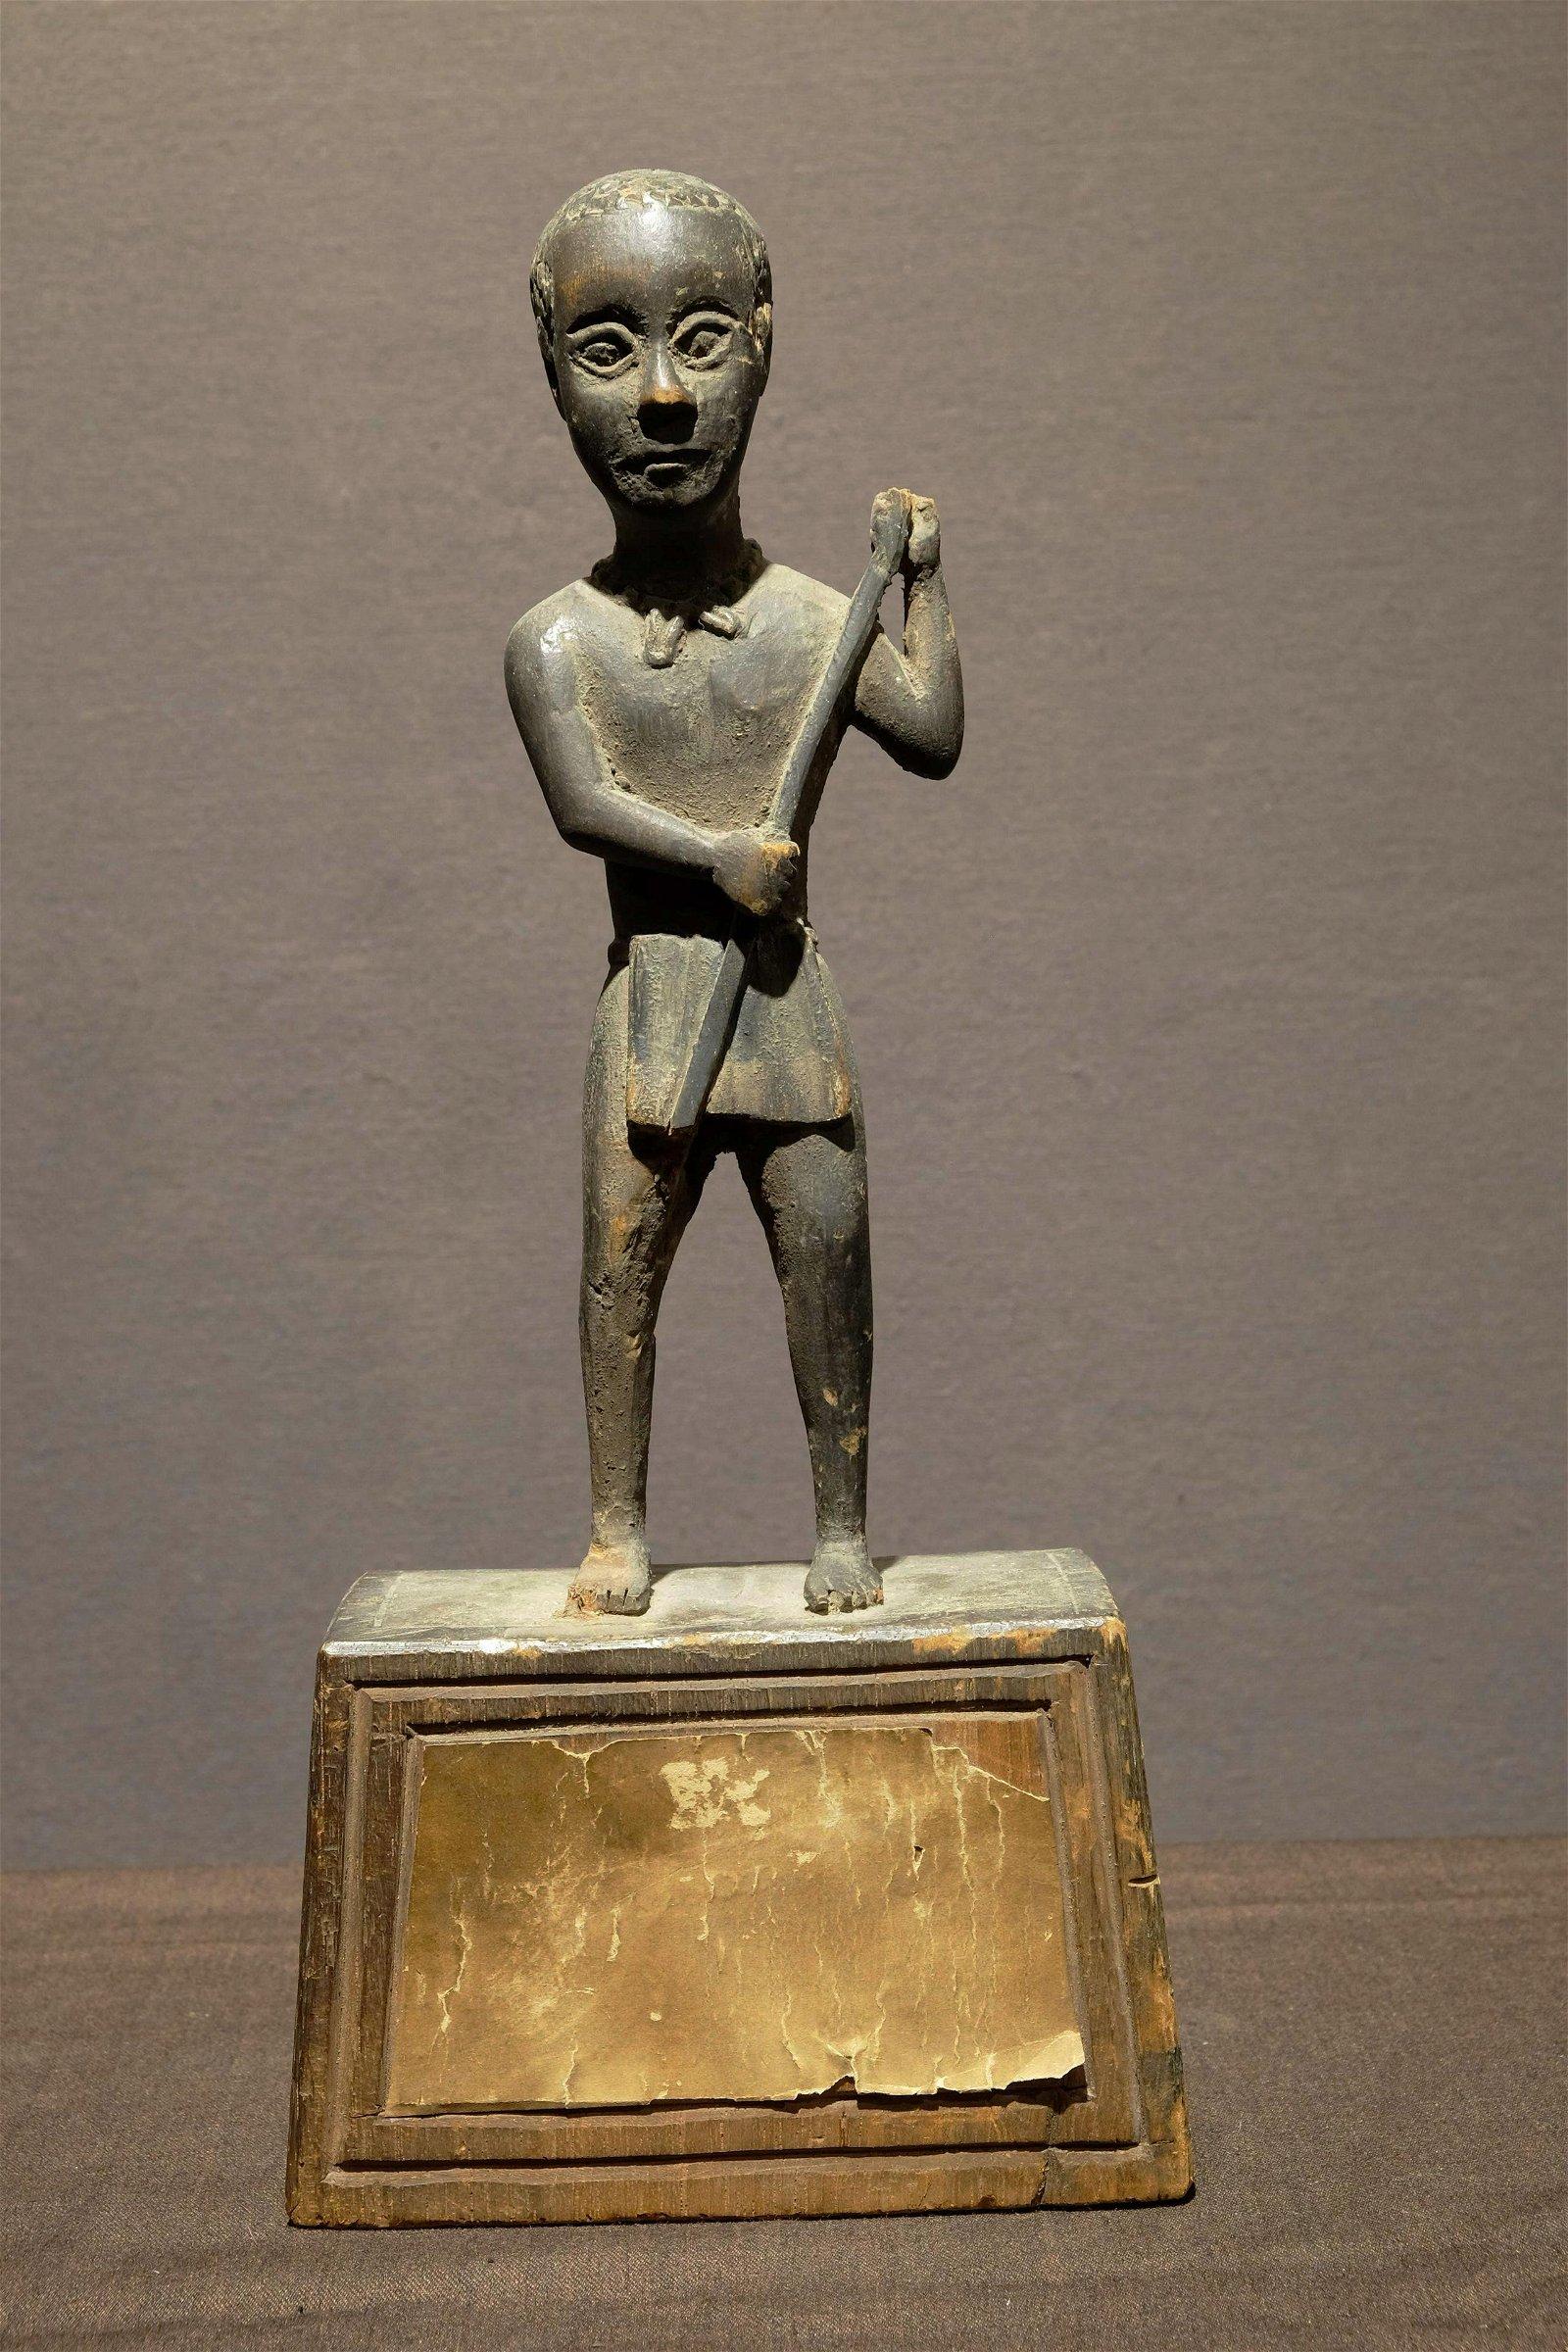 Old Madagascar peddler figure